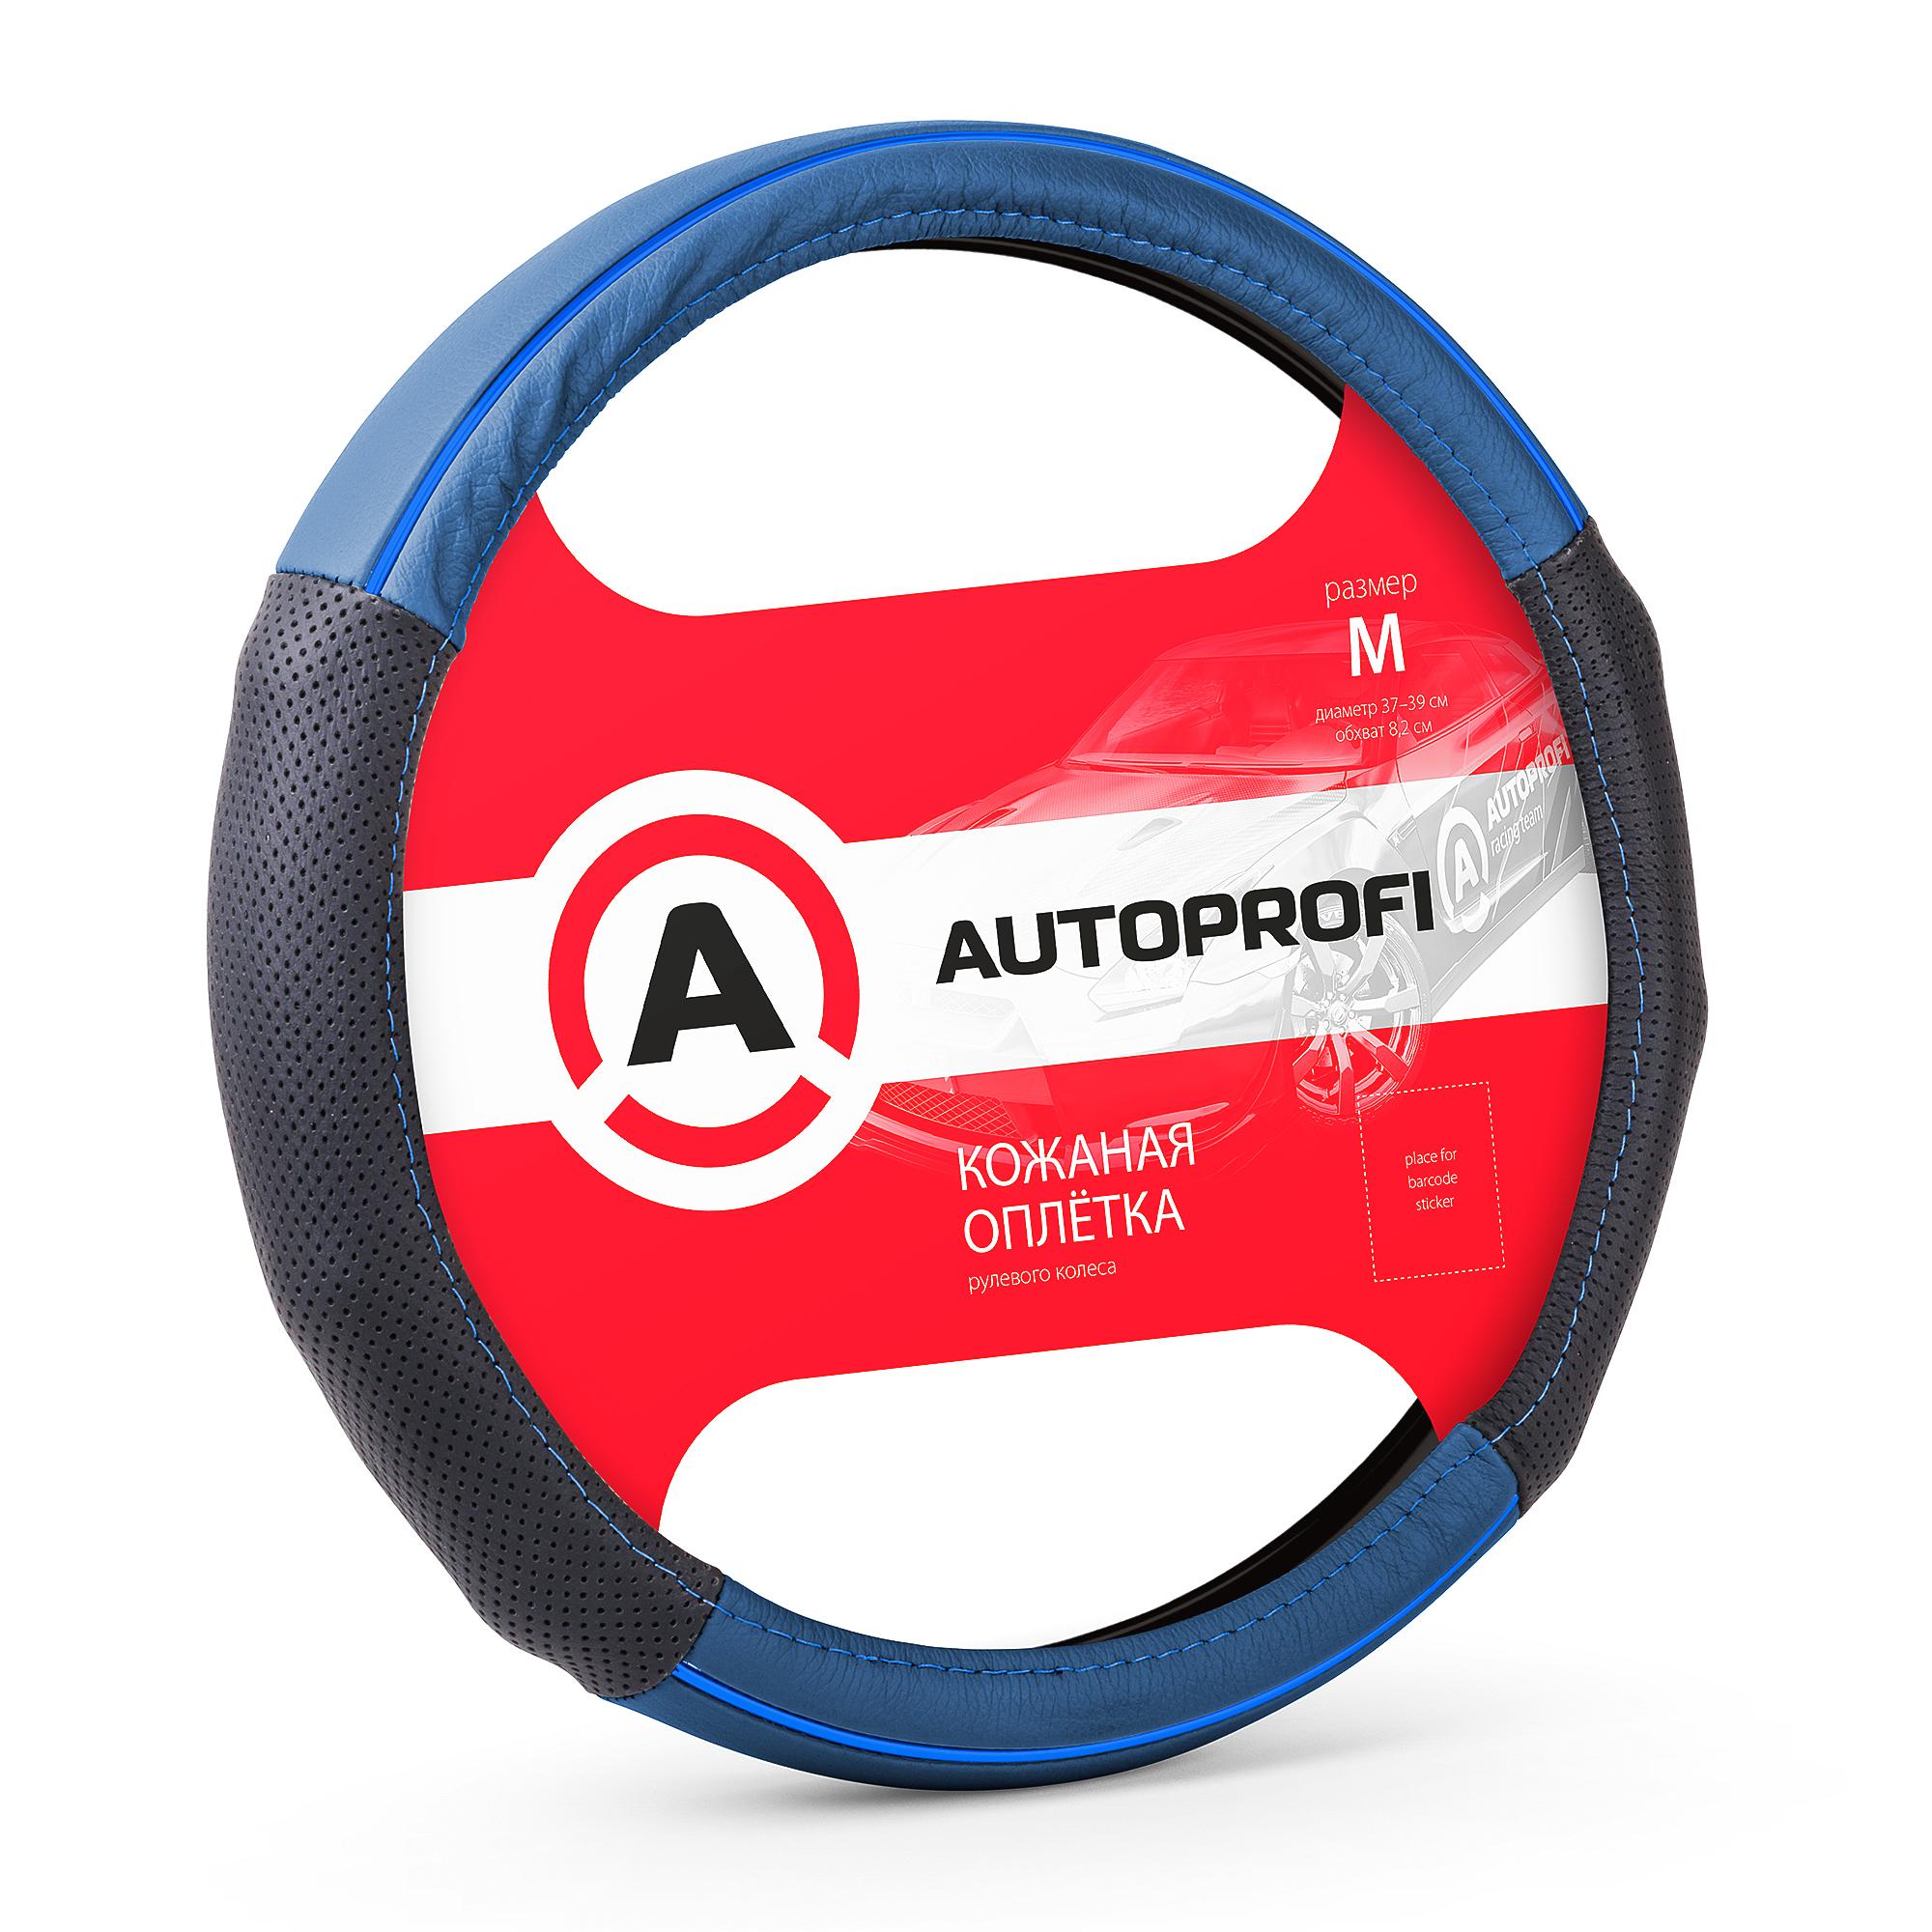 Оплетка Autoprofi Ap-1060 bk/bl (m) autoprofi оплётка для перетяжки руля autoprofi экокожа с перфорированными вставками нить игла чёрн серы